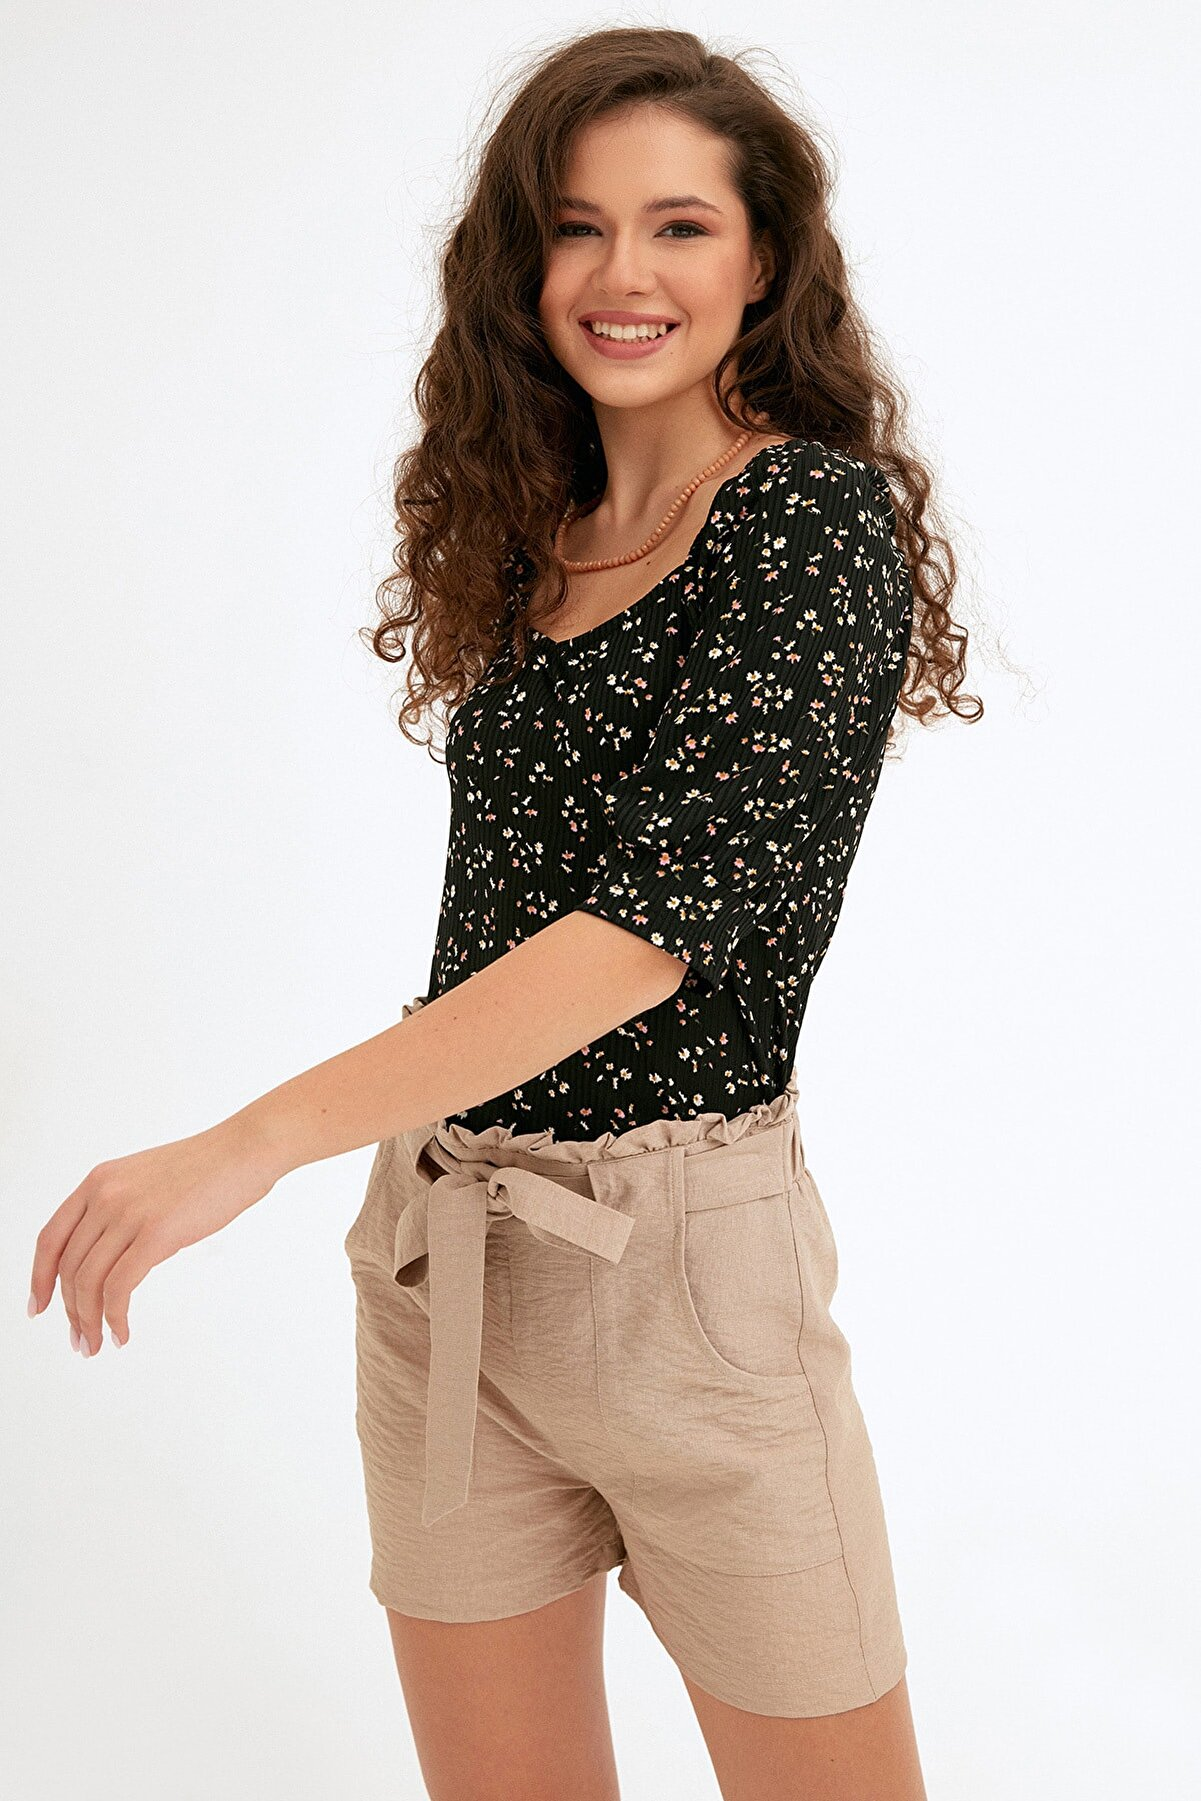 Fullamoda Kadın Siyah Çiçek Desenli Fitilli Bluz